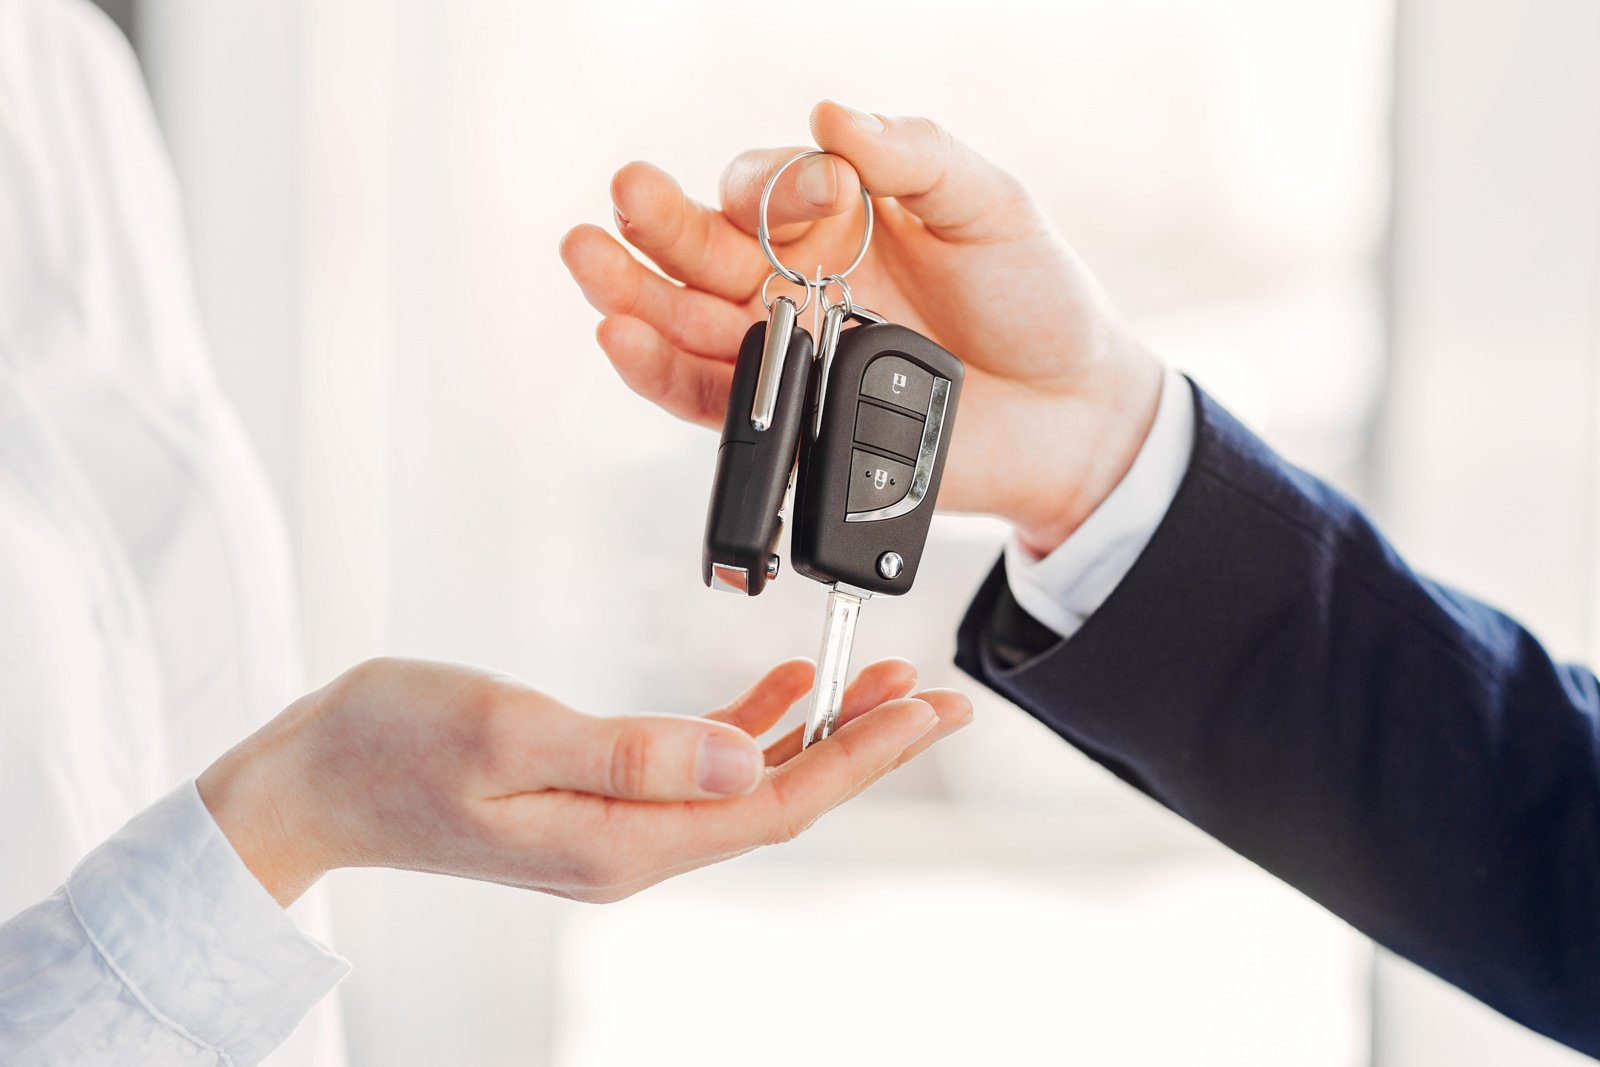 Daugėja norinčiųjų įsigyti automobilį, kainos vidutiniškai išaugo 6–10 procentų